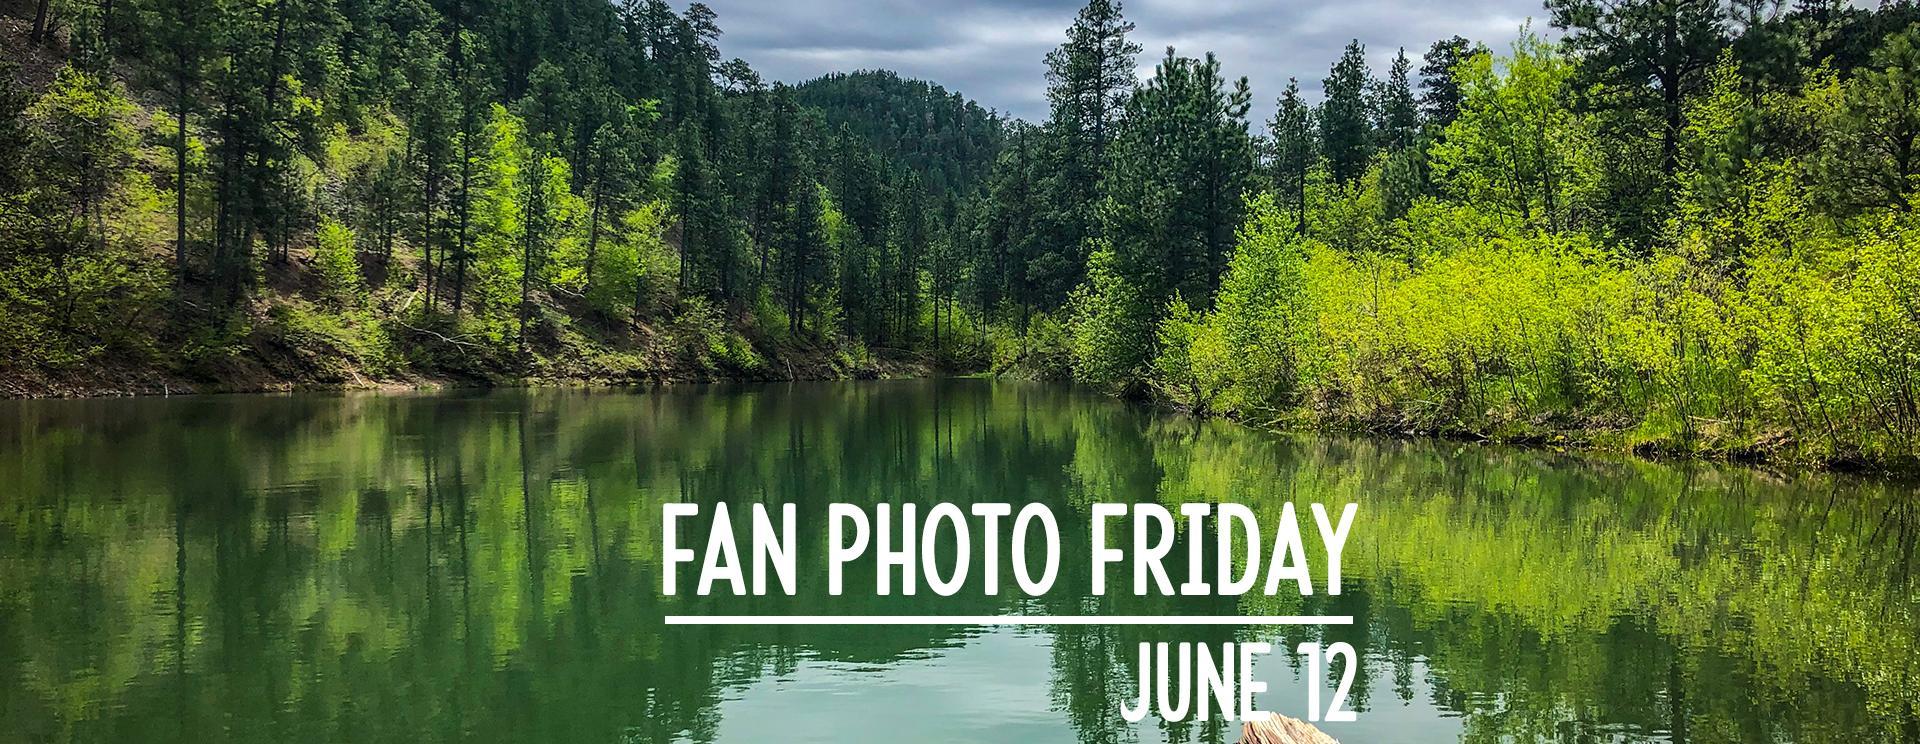 Fan Photo Friday | June 12, 2020